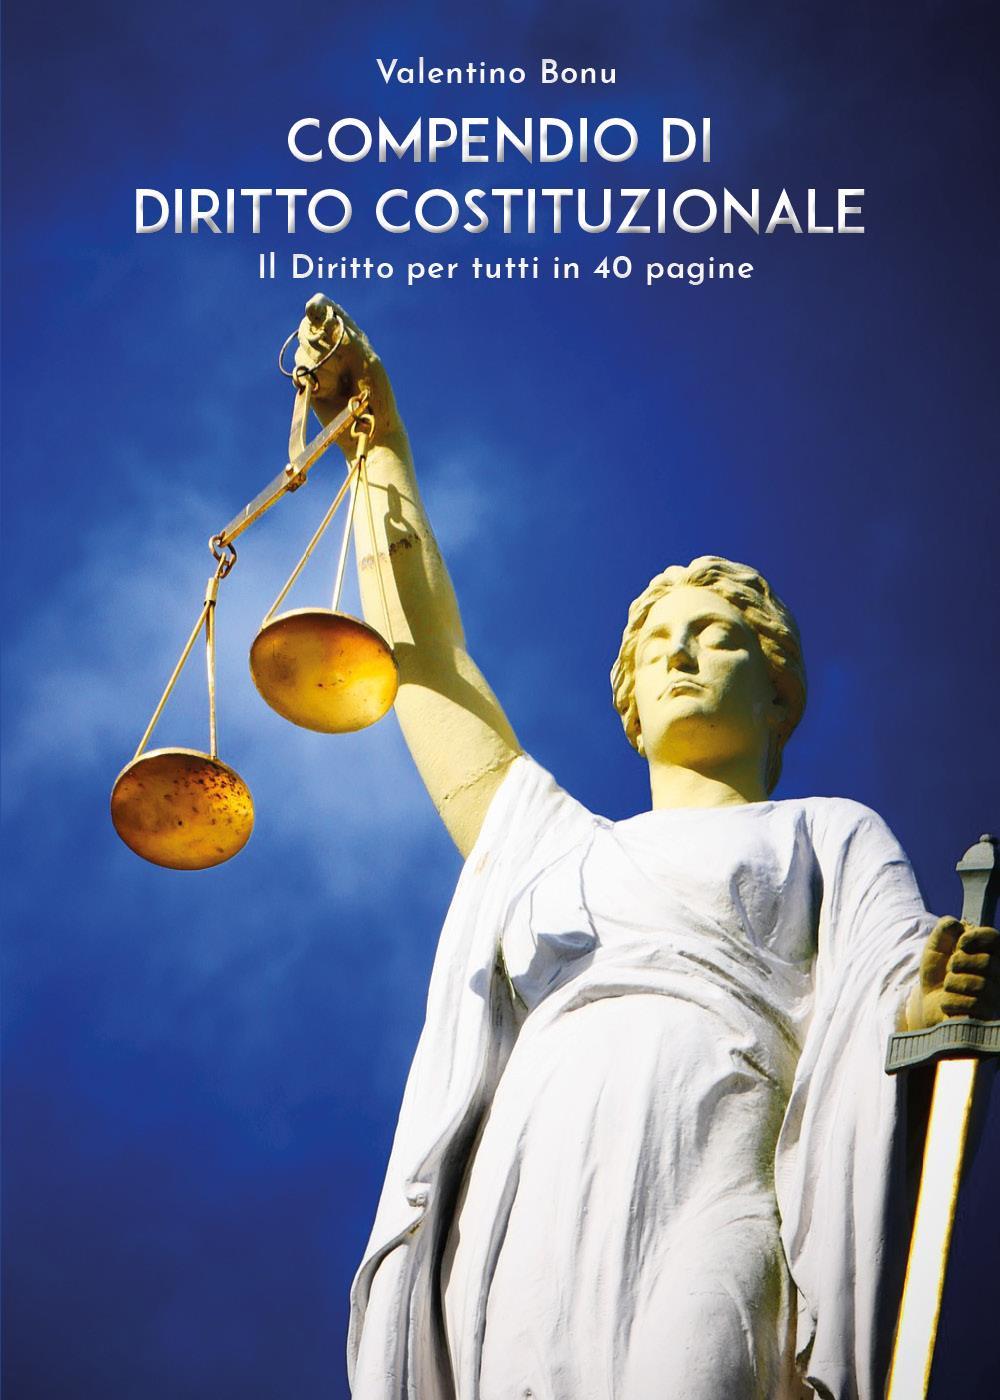 Compendio di Diritto Costituzionale - Il Diritto per tutti in 40 pagine